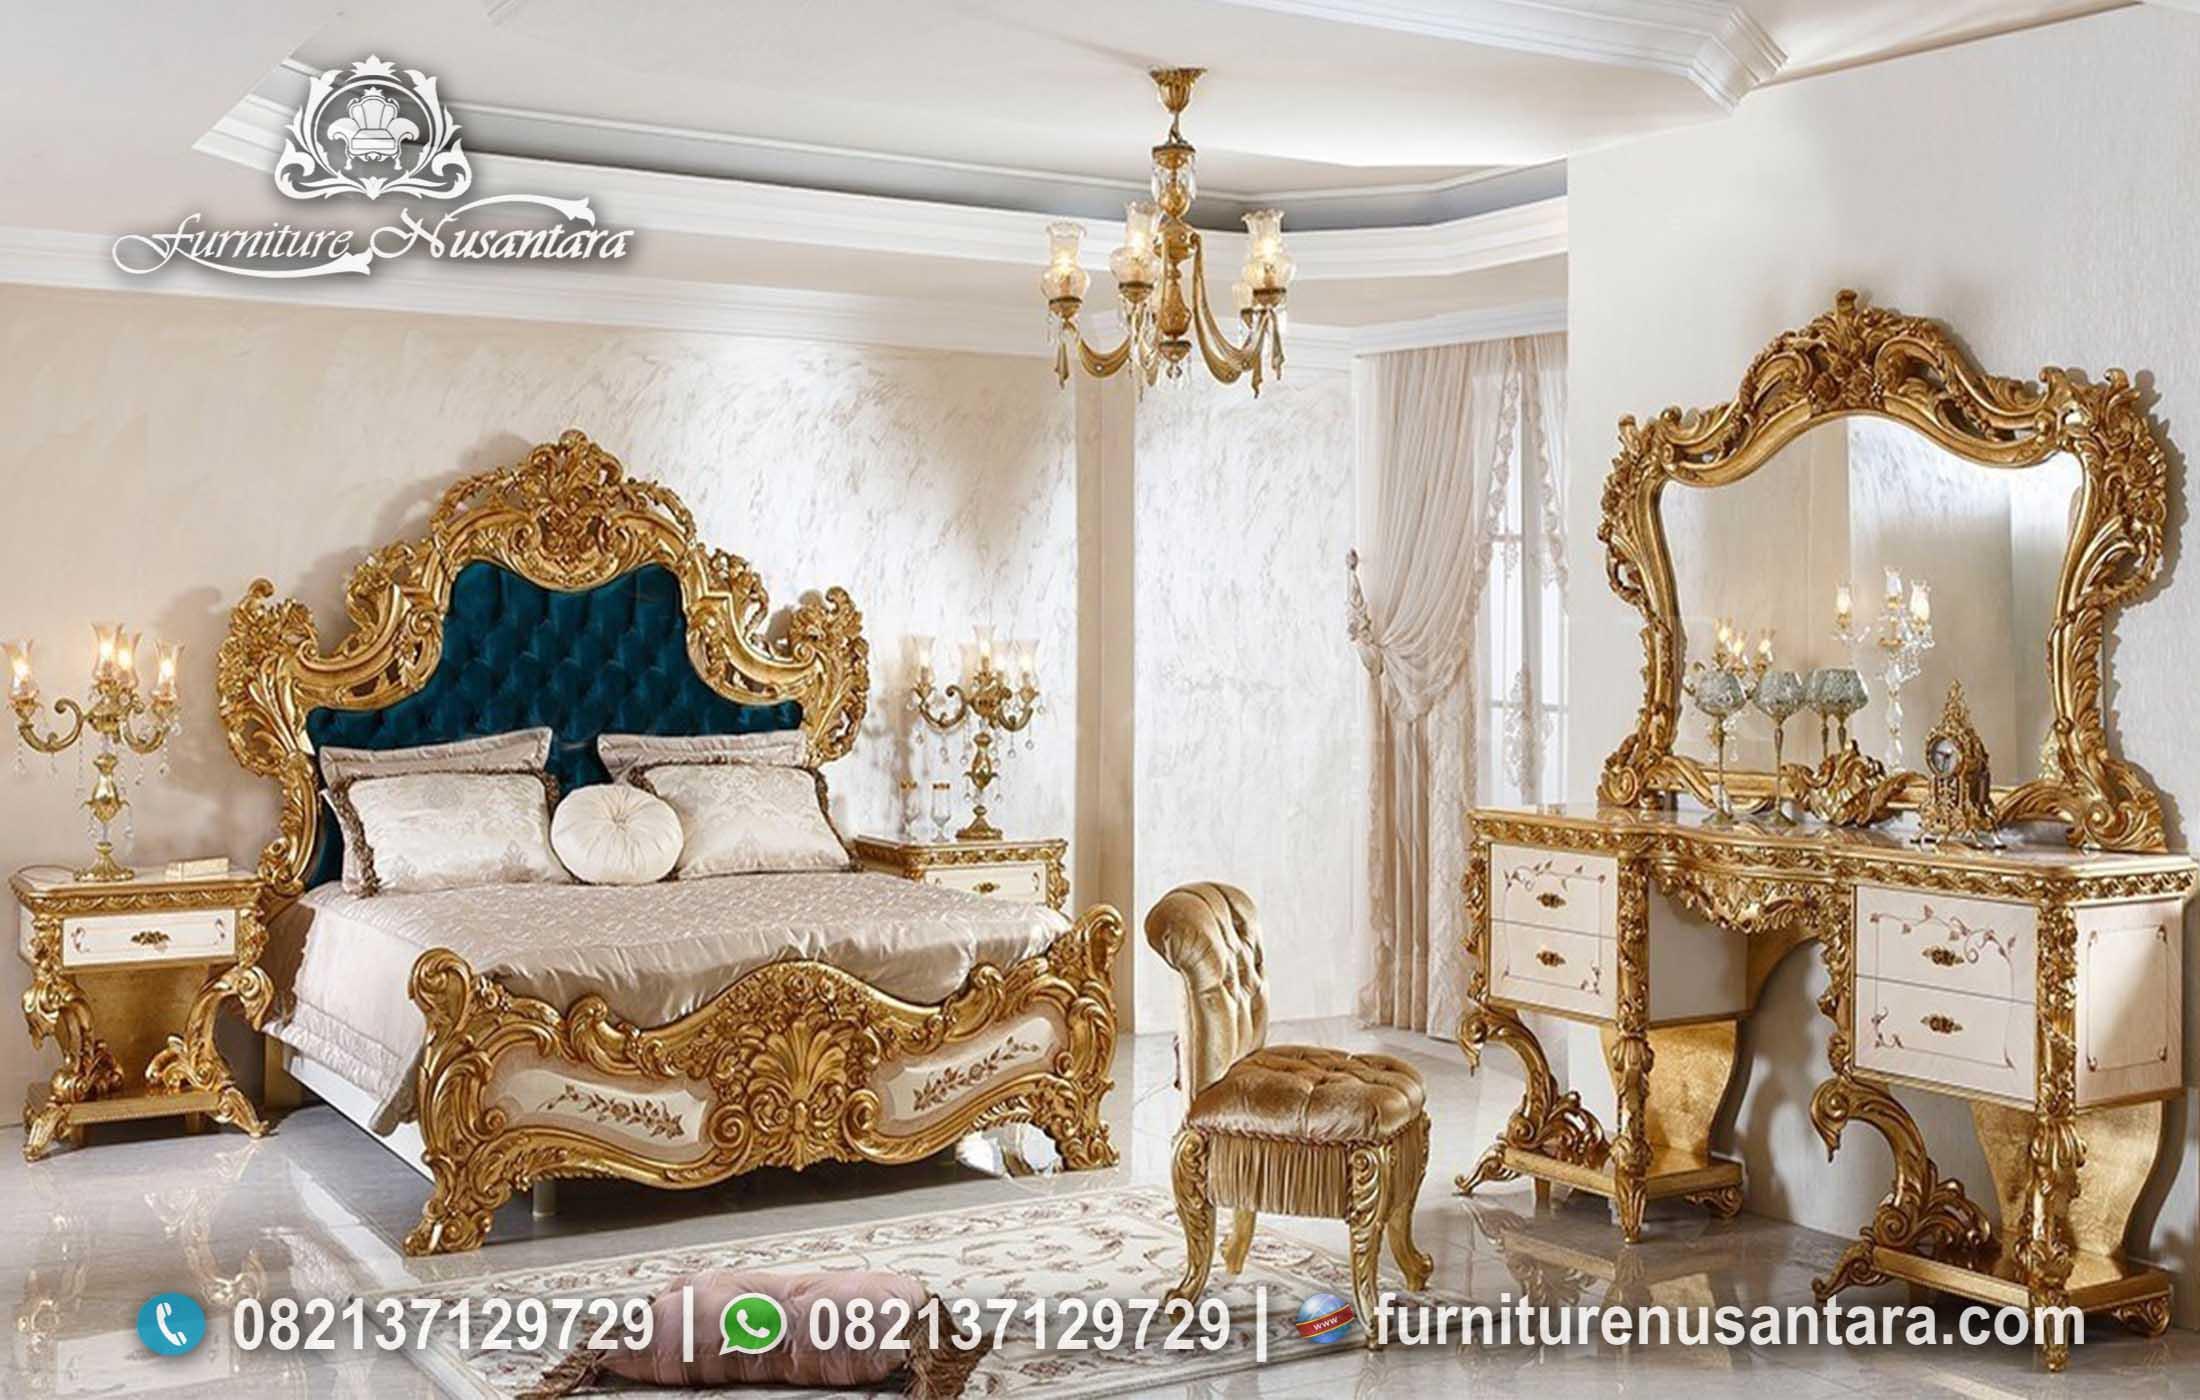 Jual Kamar Set Klasik Full Ukir KS-234, Furniture Nusantara